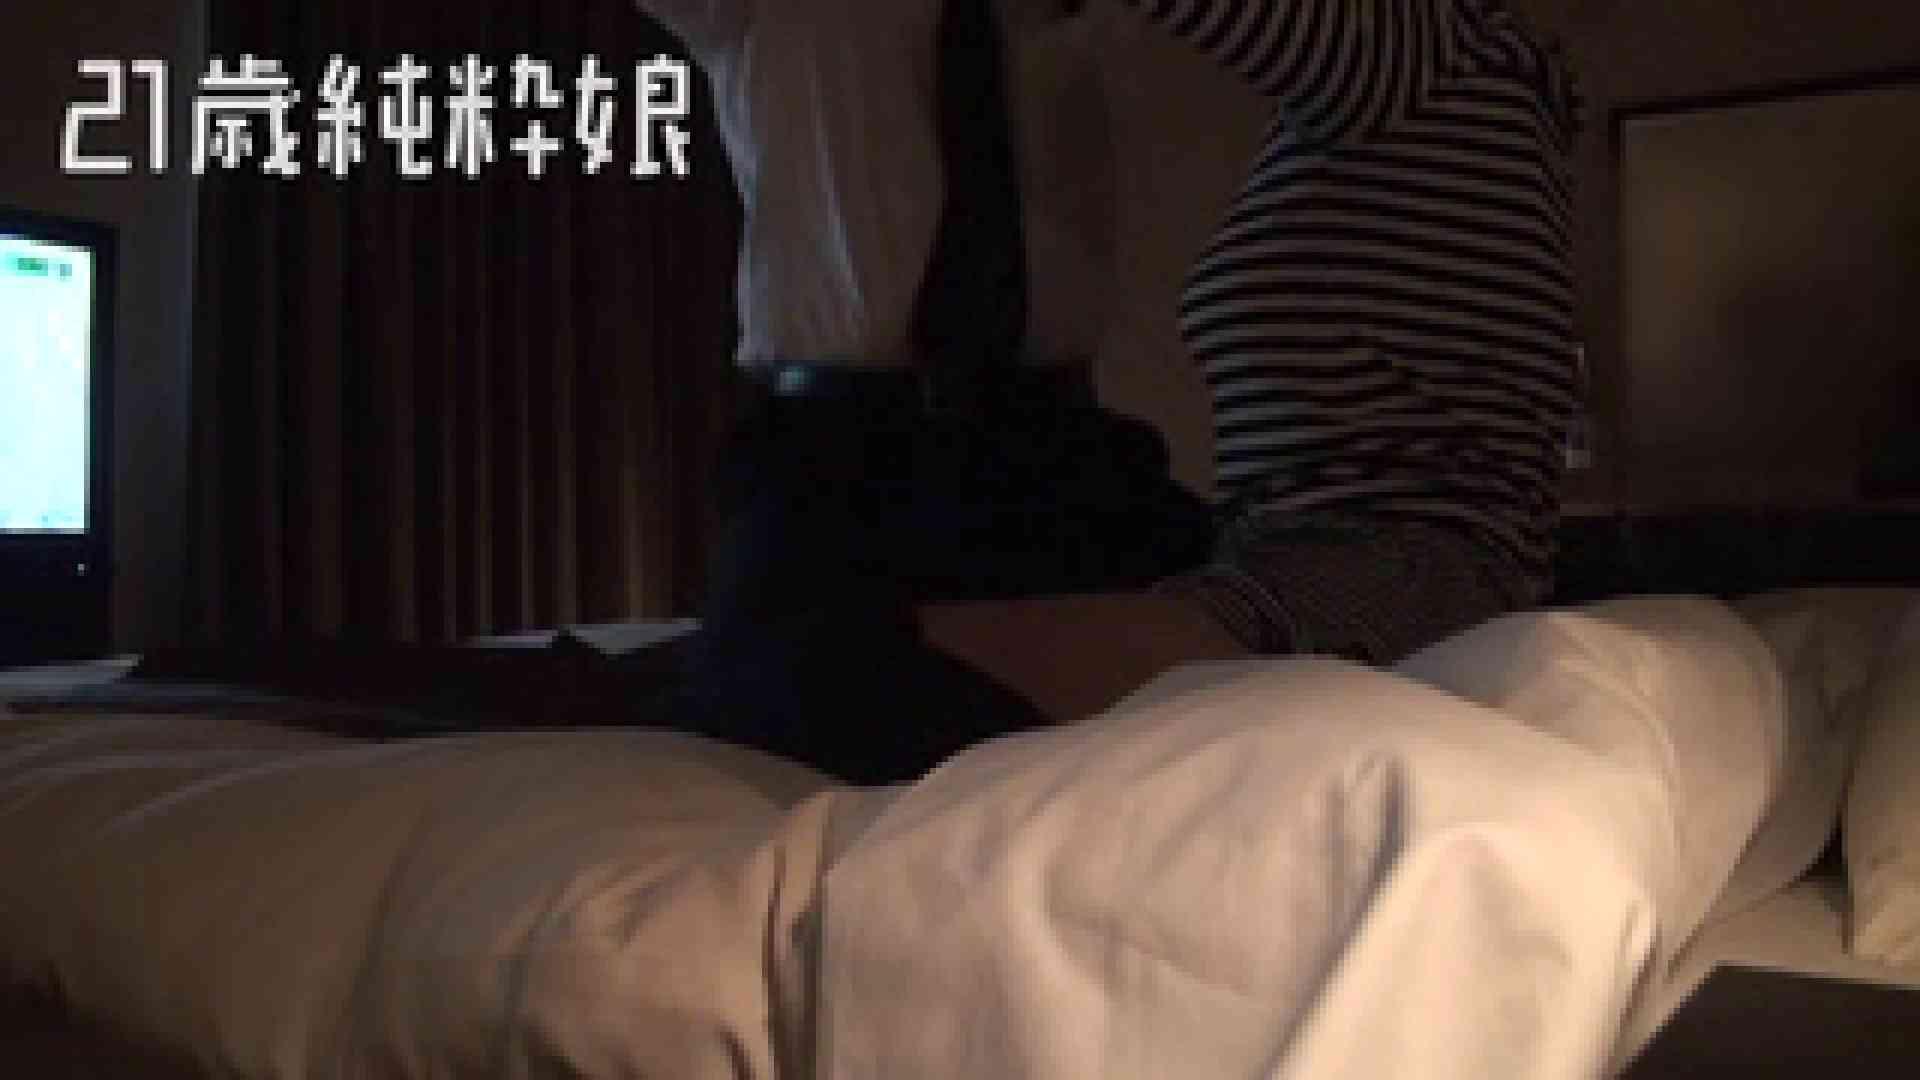 上京したばかりのGカップ21歳純粋嬢を都合の良い女にしてみた4 ホテル 盗み撮り動画キャプチャ 61連発 11